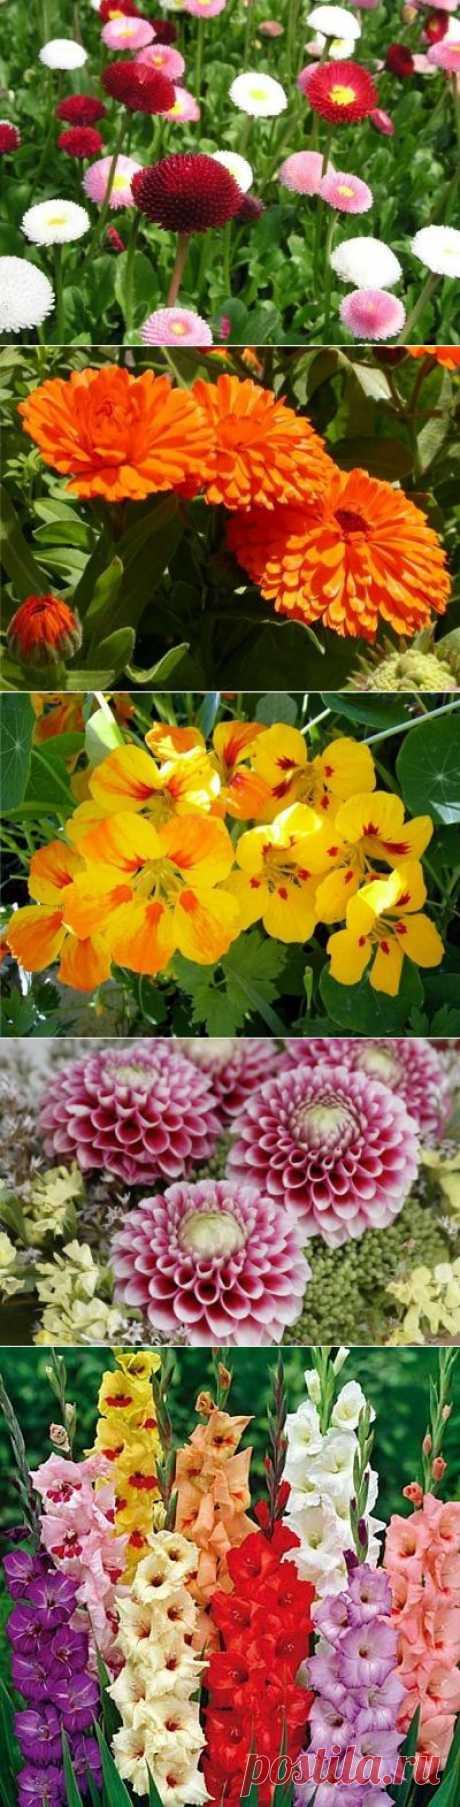 Пять целебных цветков у вас на клумбе | Наш дом